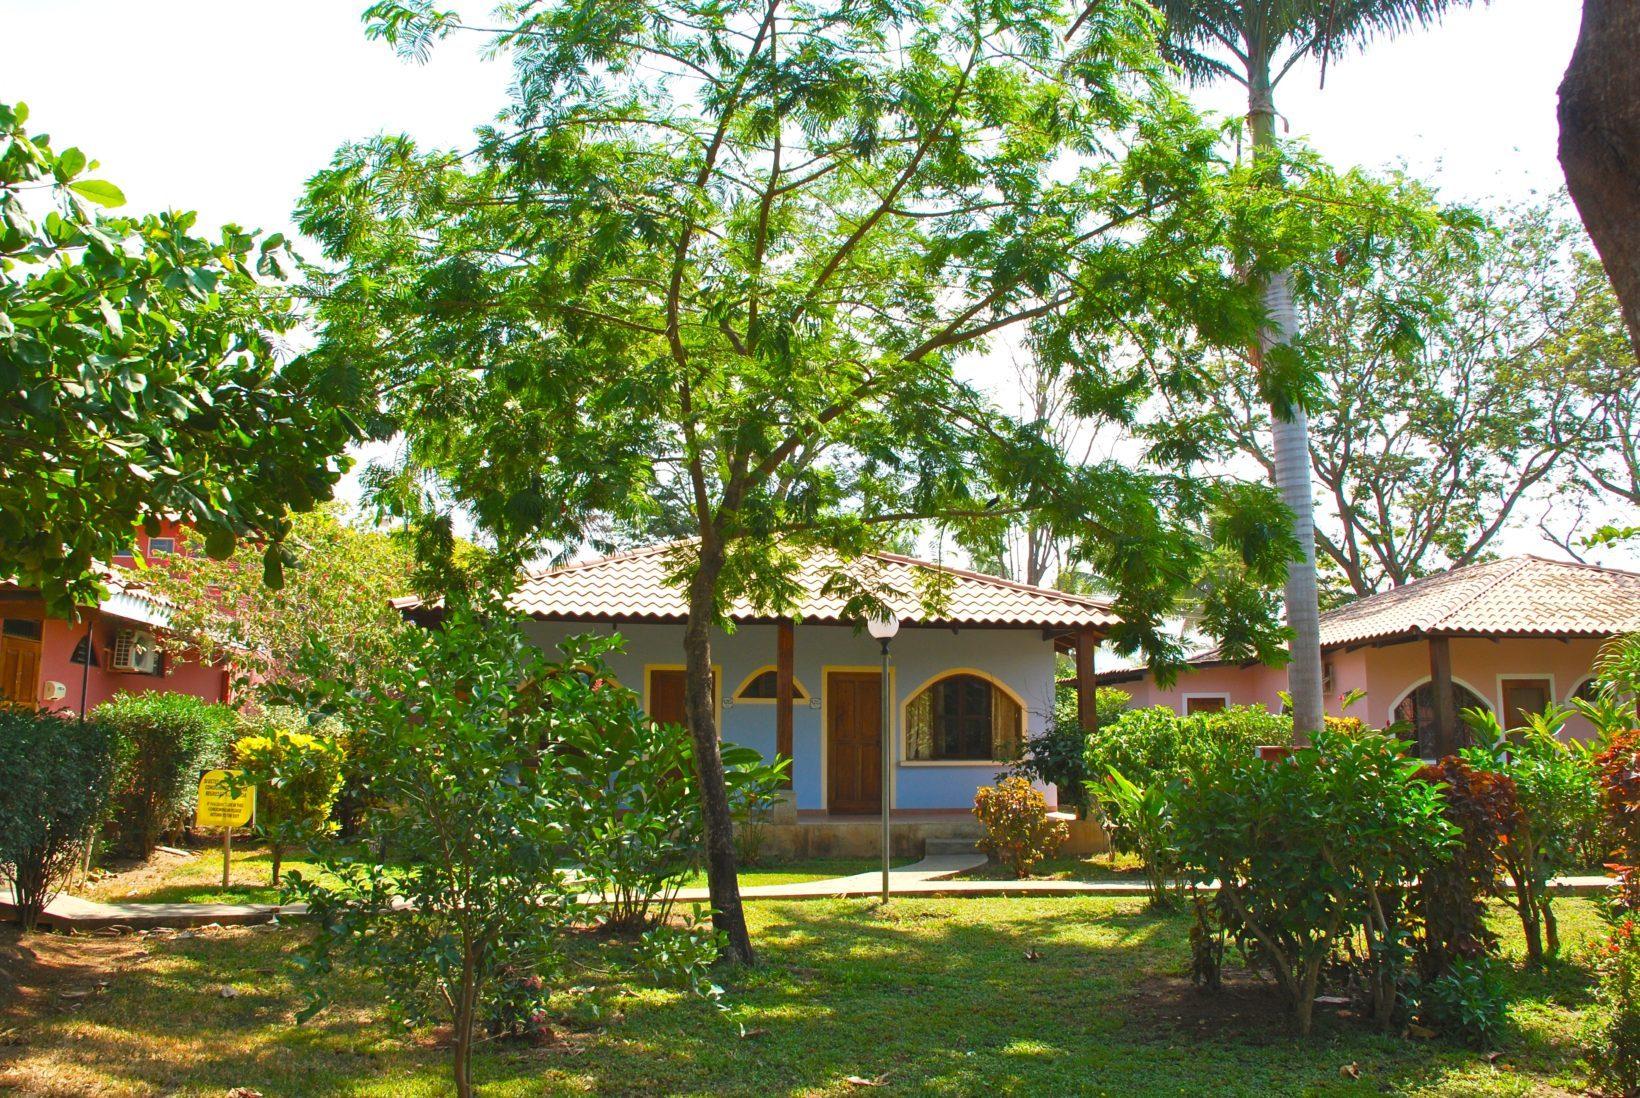 Residence2-DSC_0583